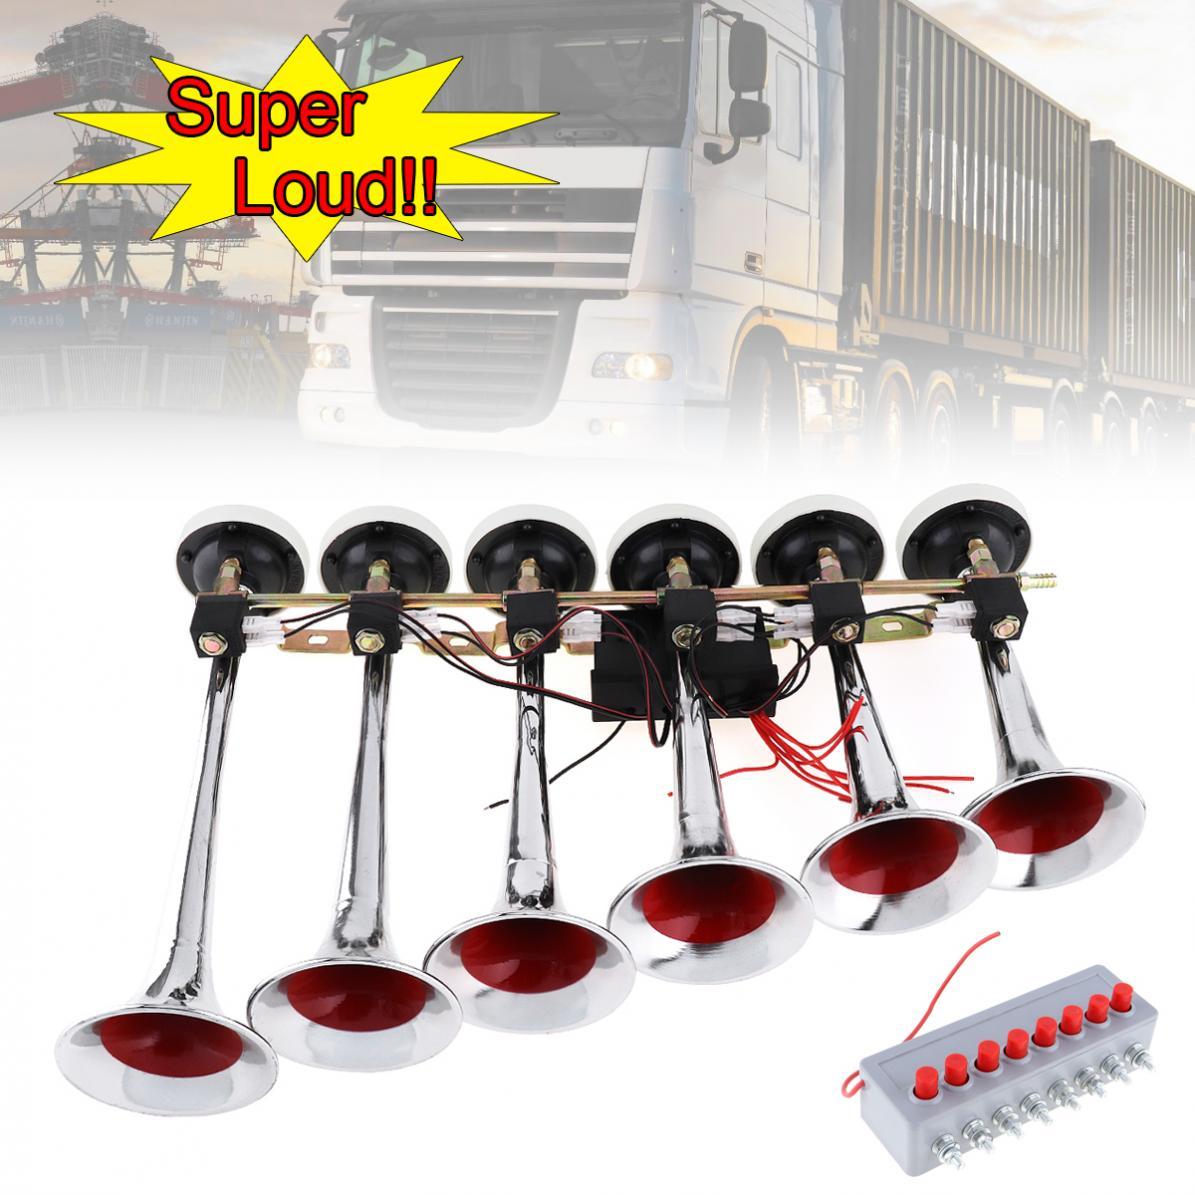 200DB Durable universel Super fort 8 sons alarme 6 voiture Auto trompette Air klaxon compresseur Kit pour moto bateau camion voiture